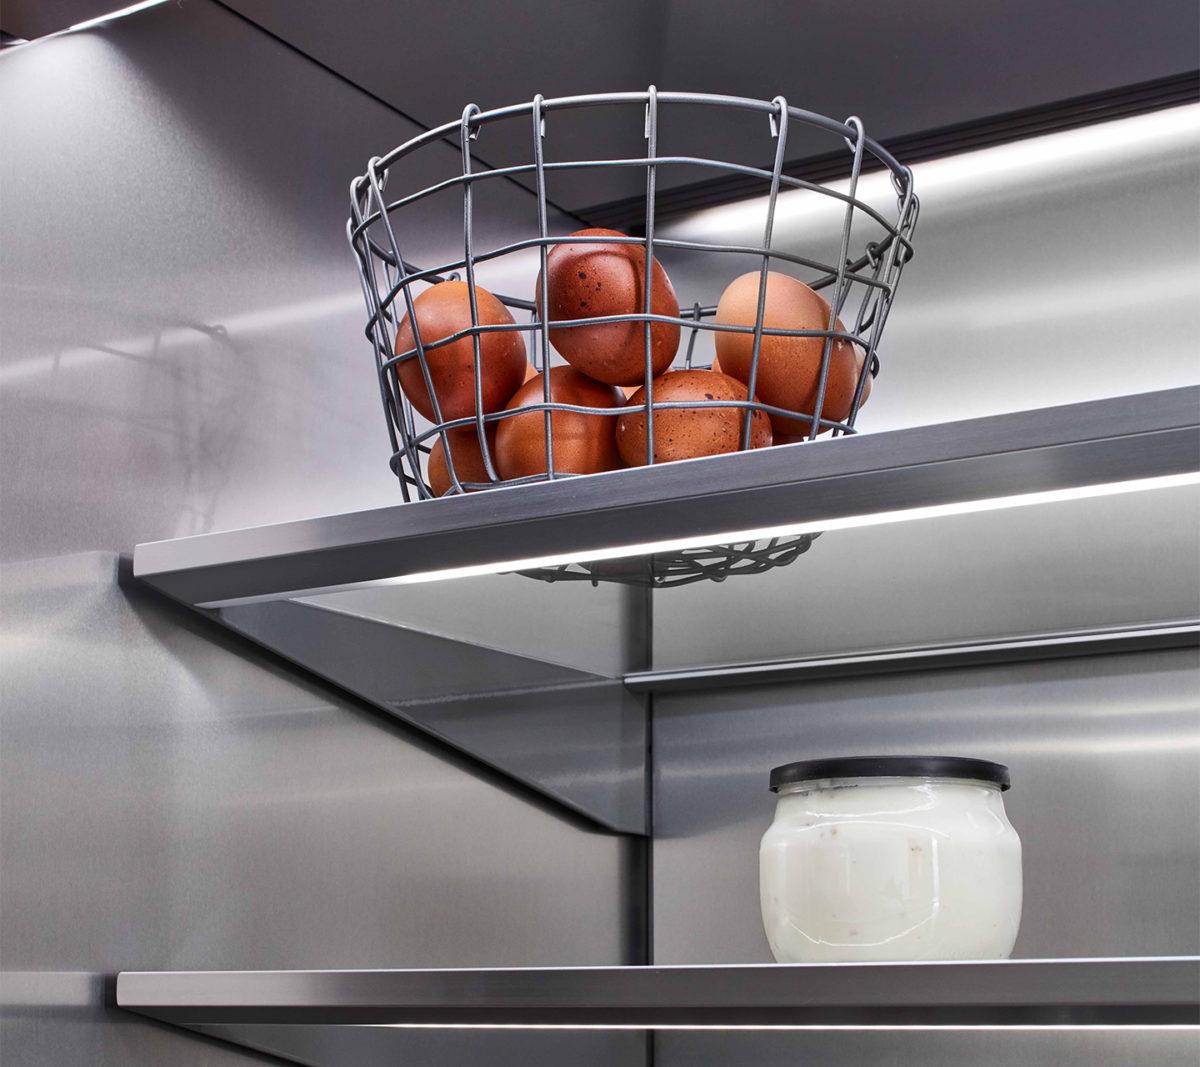 Refrigerator designed to improve food preservation